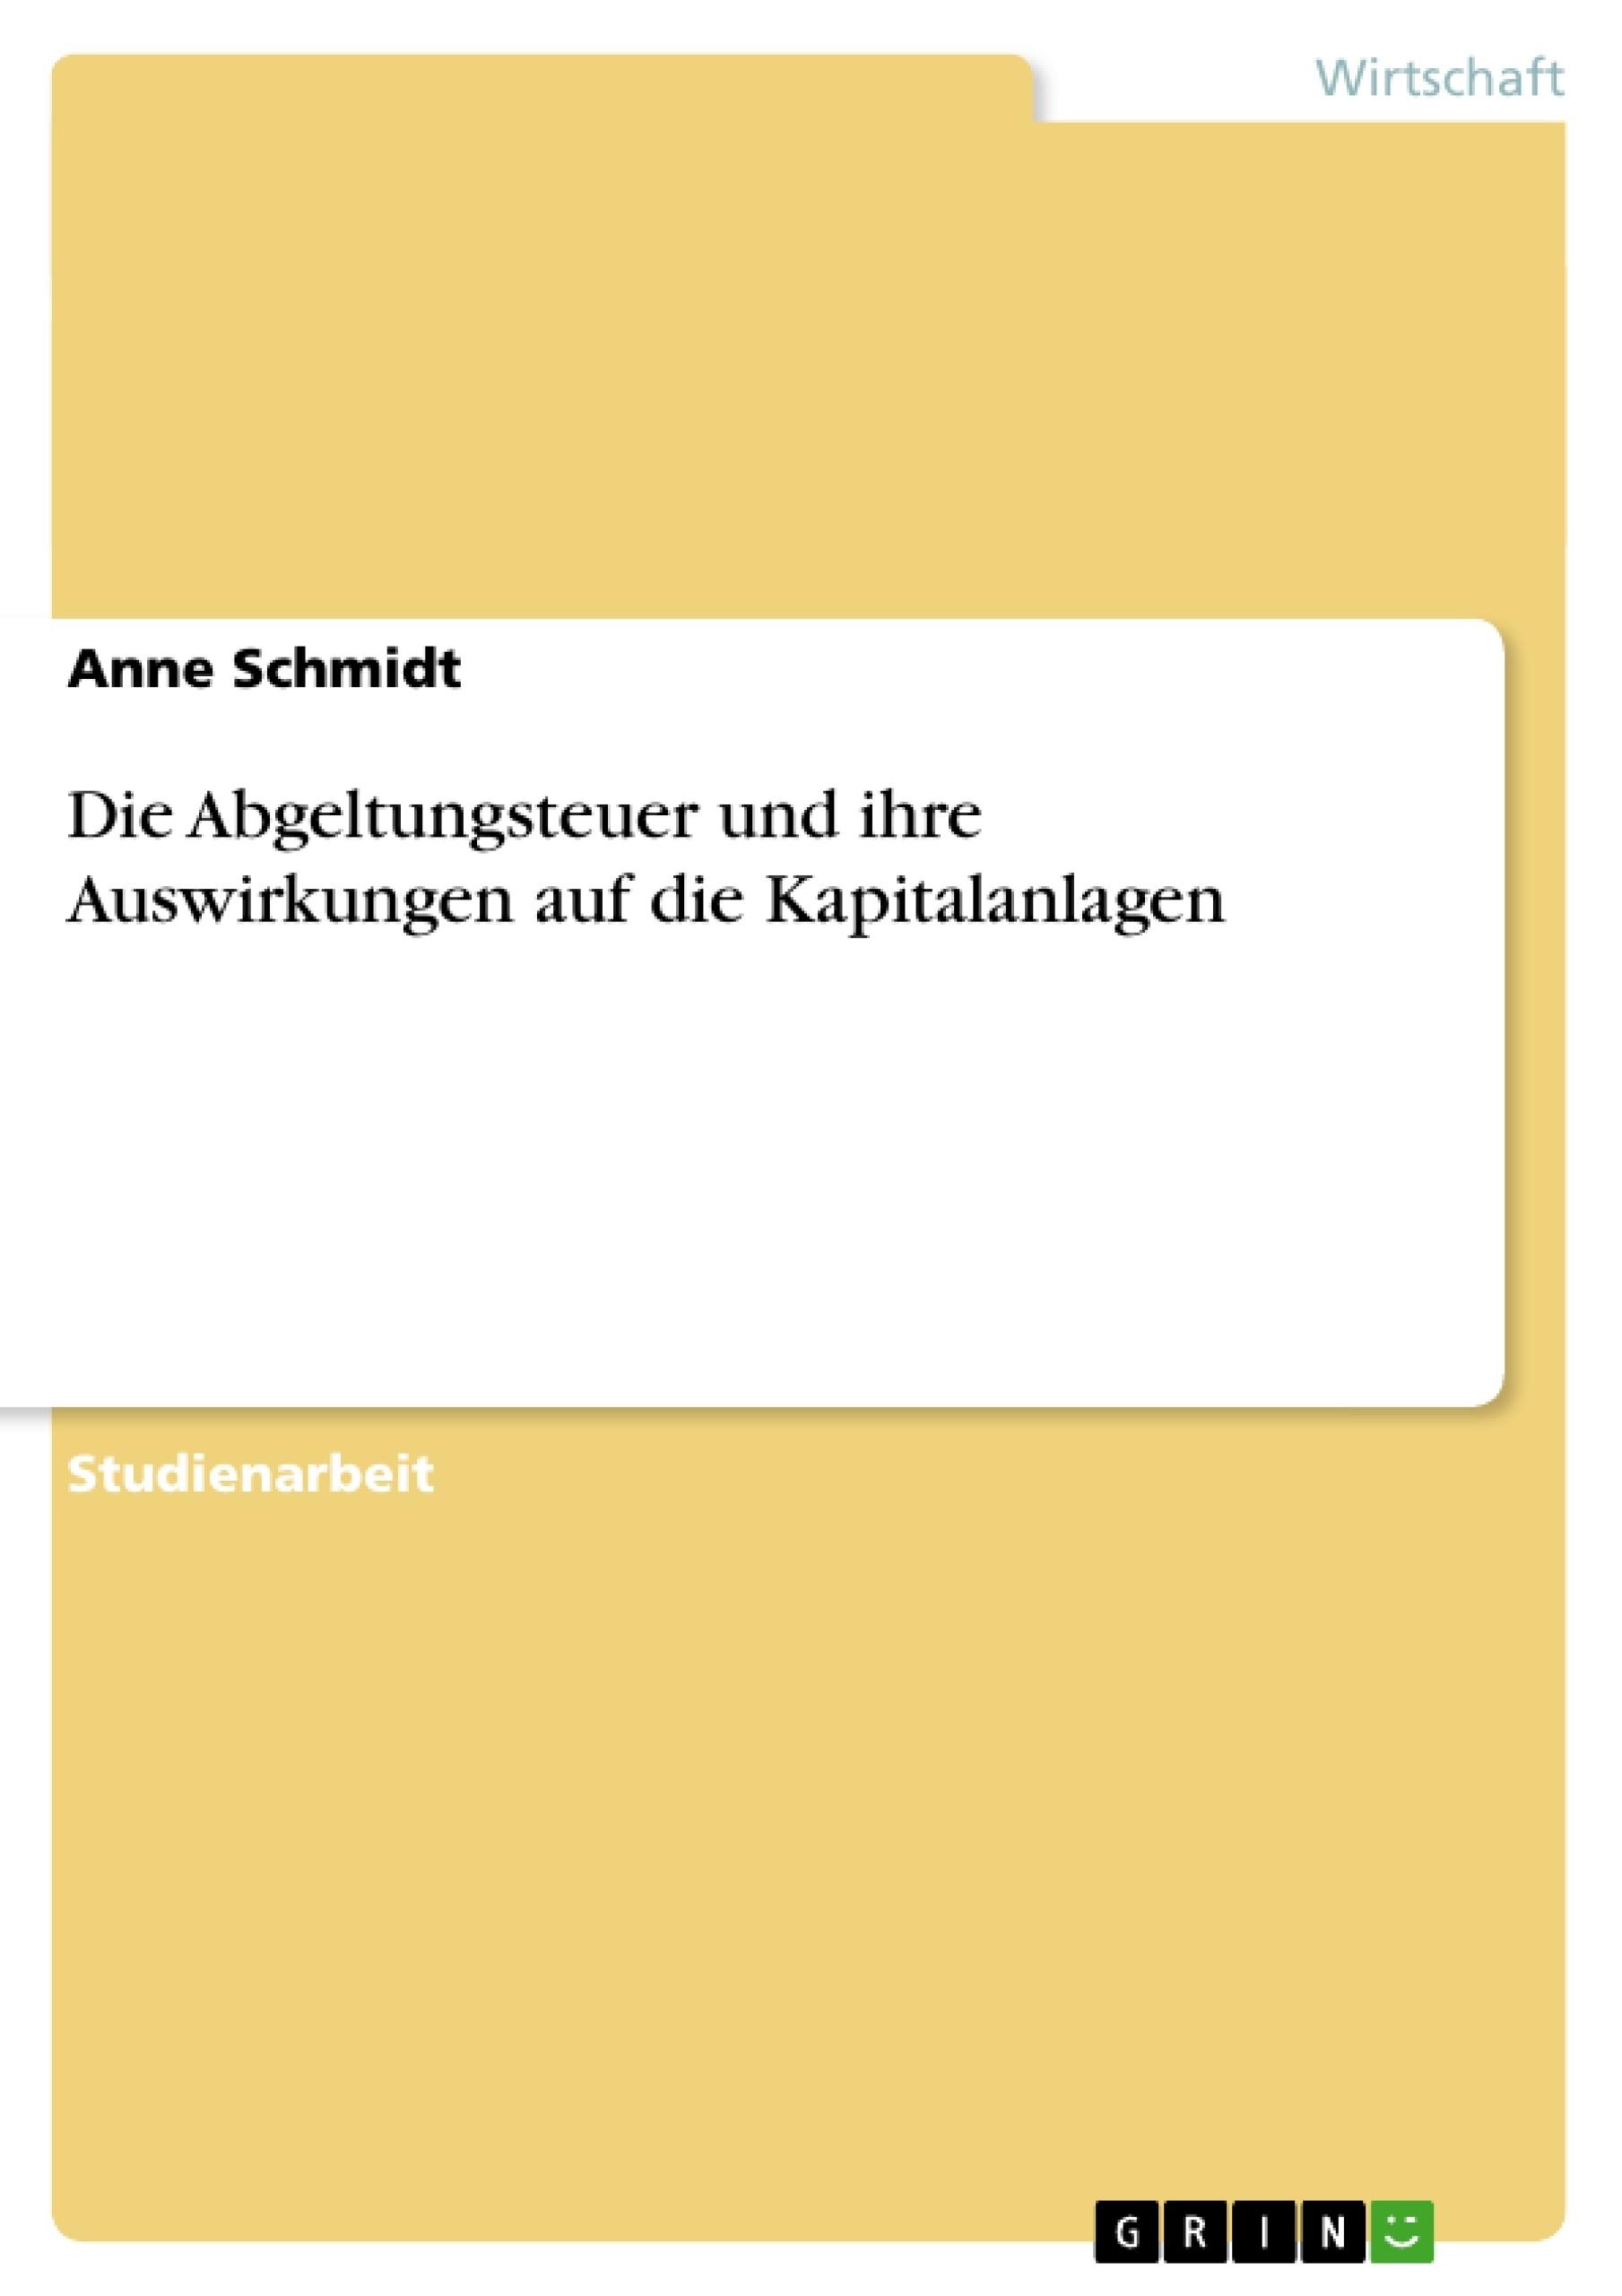 Titel: Die Abgeltungsteuer und ihre Auswirkungen auf die Kapitalanlagen